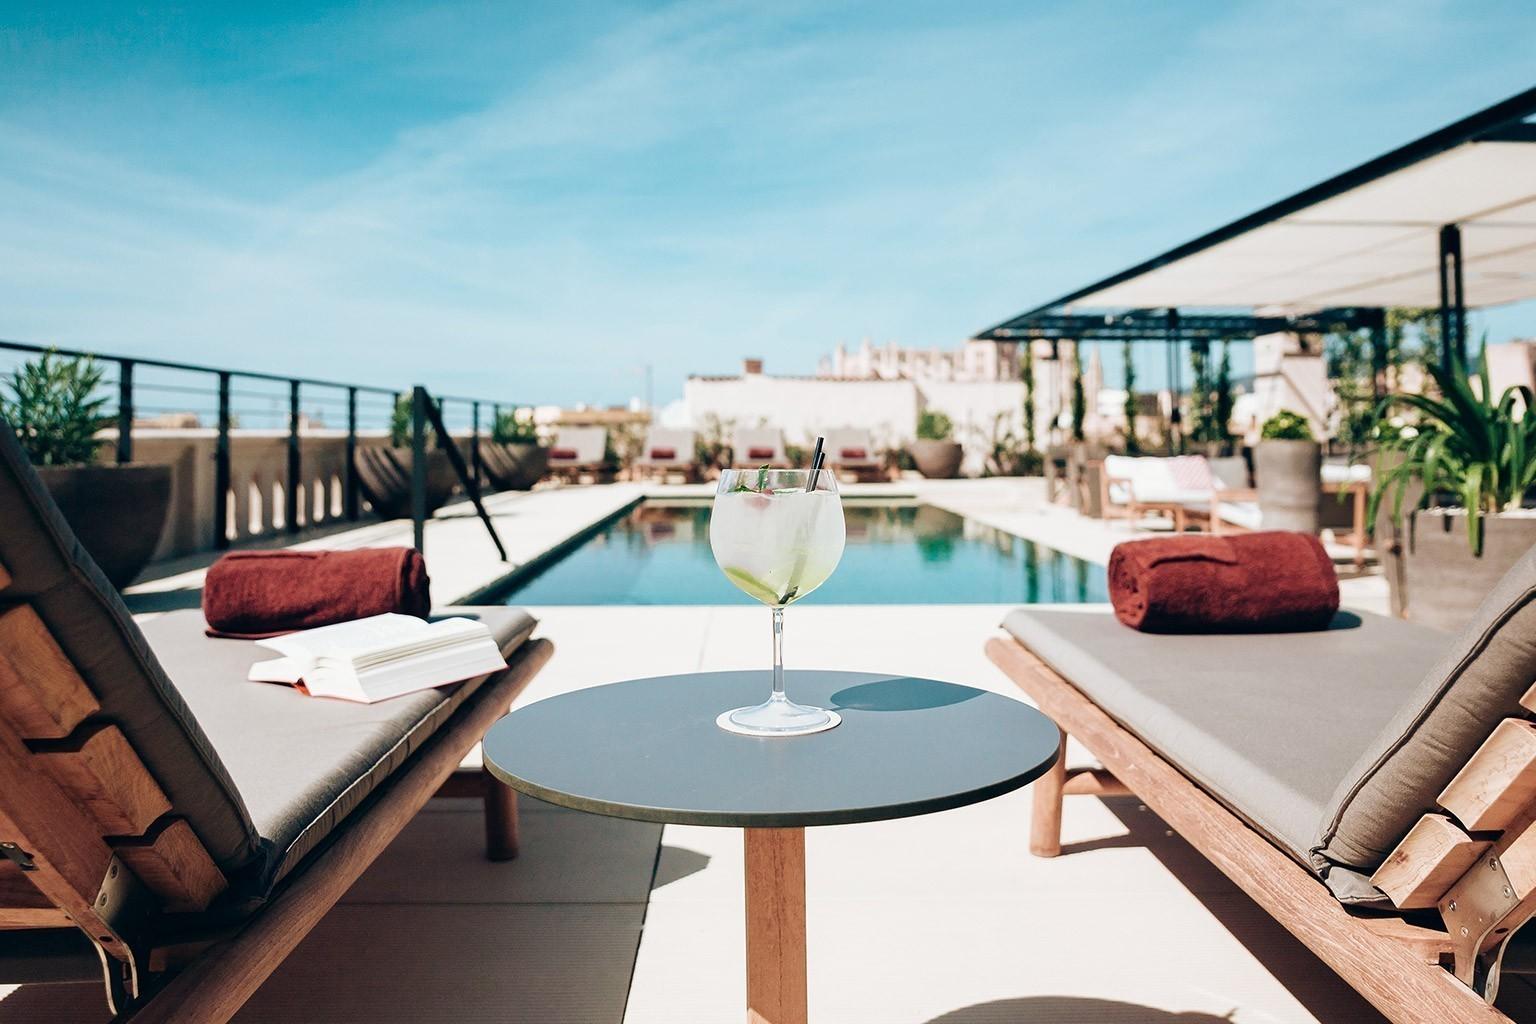 Sant Francesc Hotel Singular | DESIGNREISEN